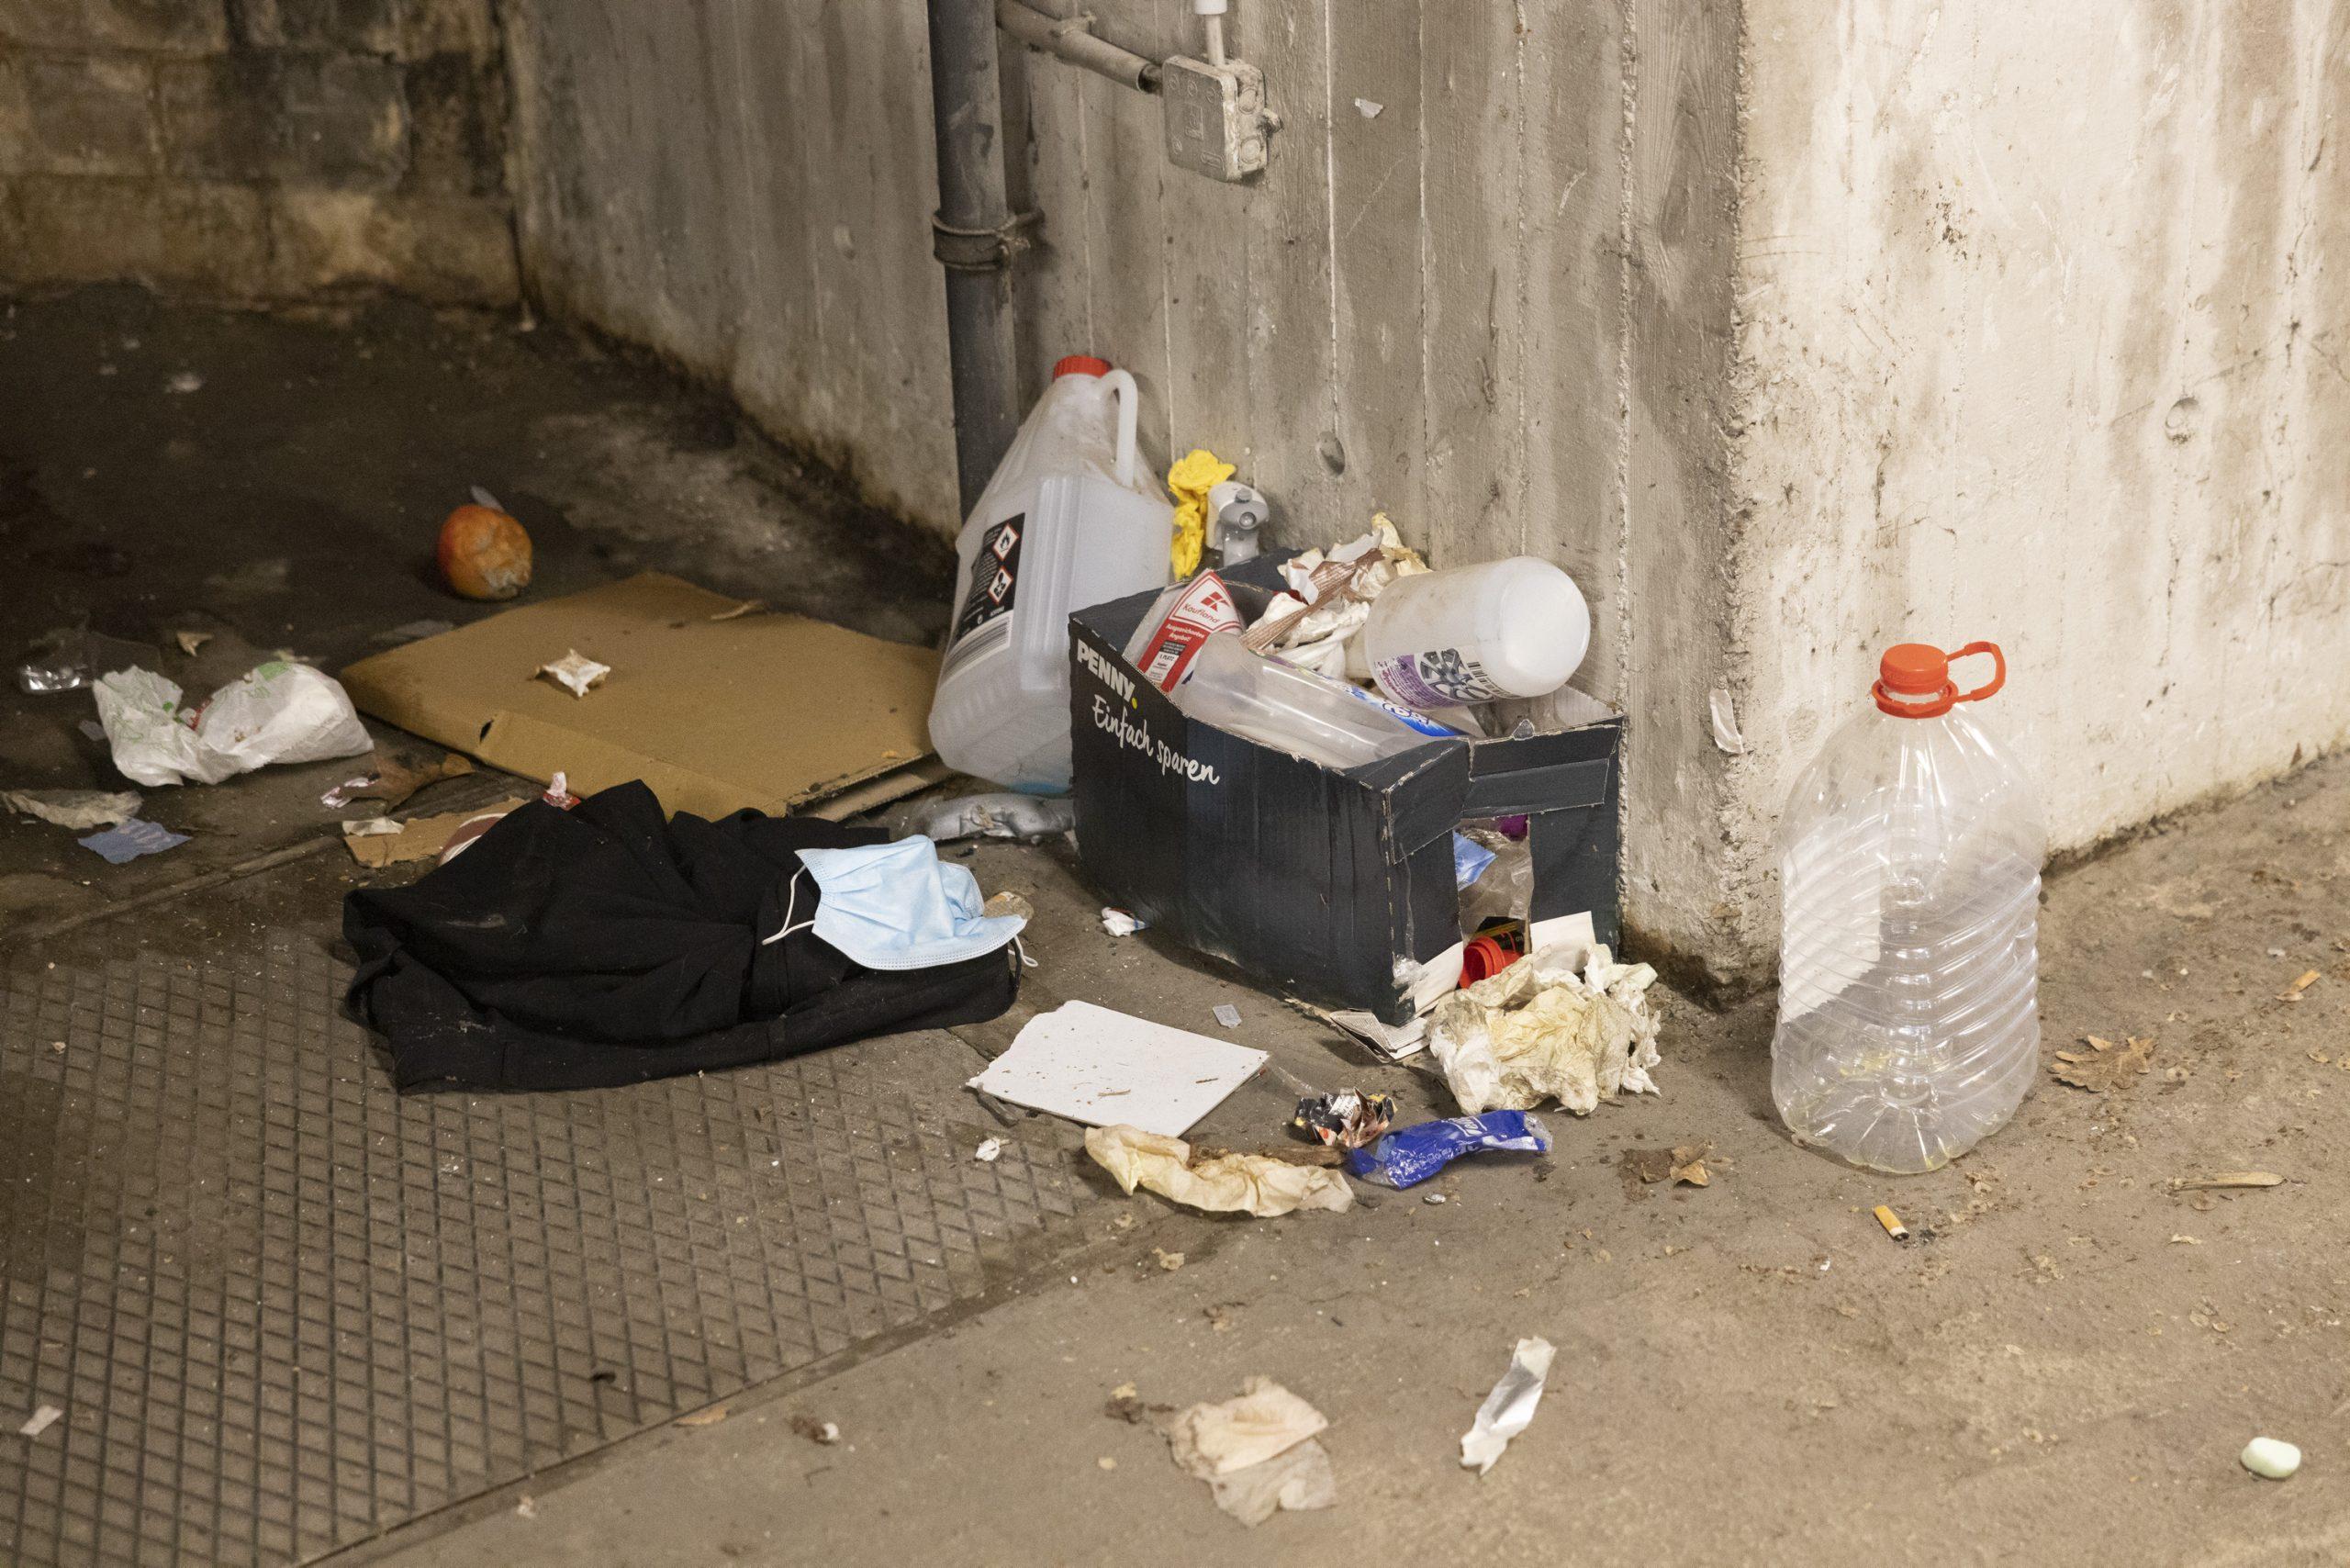 Müll und Dreck sammeln sich in der Garage.